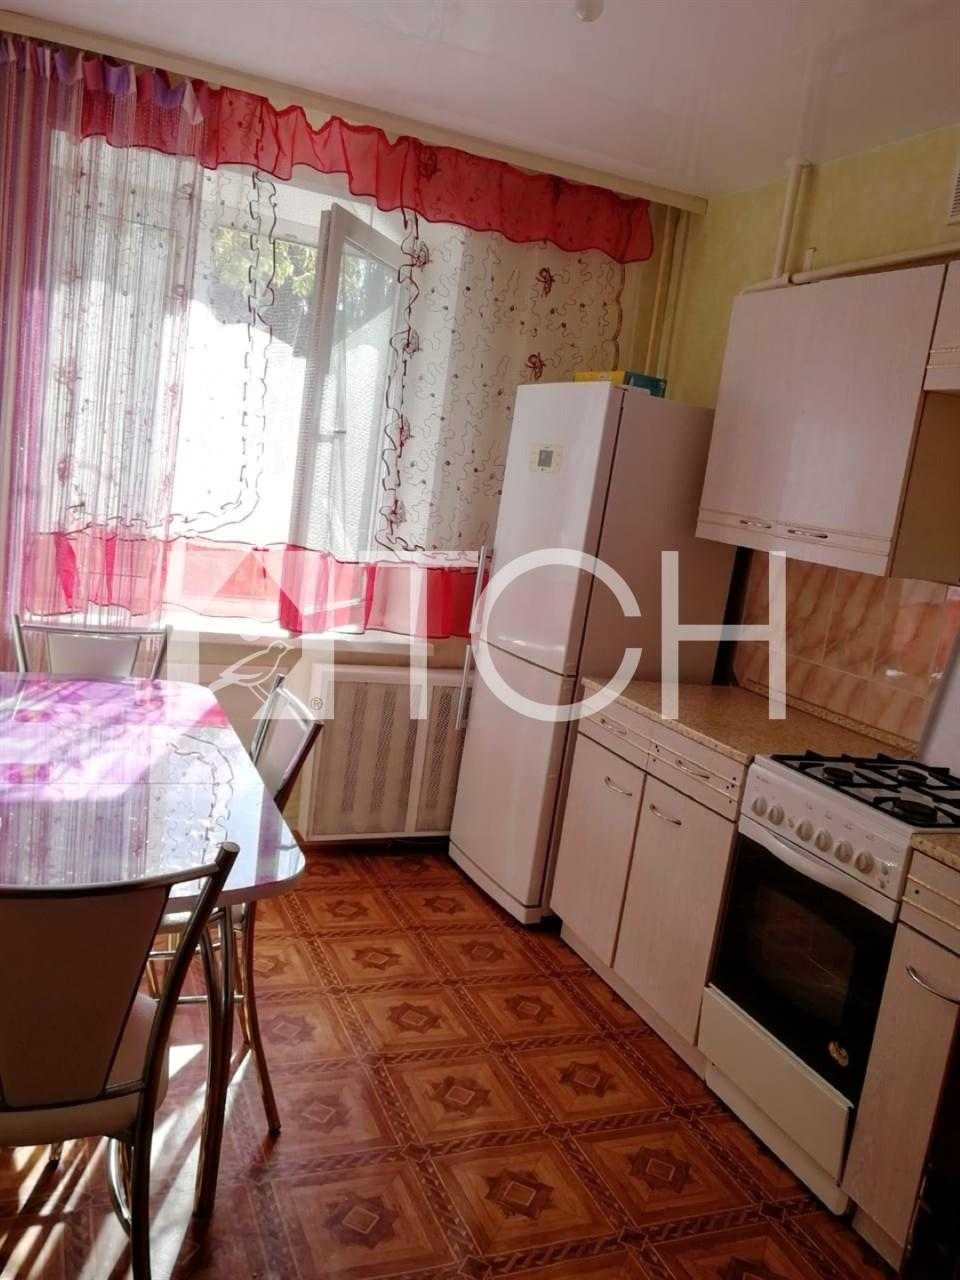 Apartment, 1 room, 35 m2 in Shchyolkovo 89261425000 buy 6